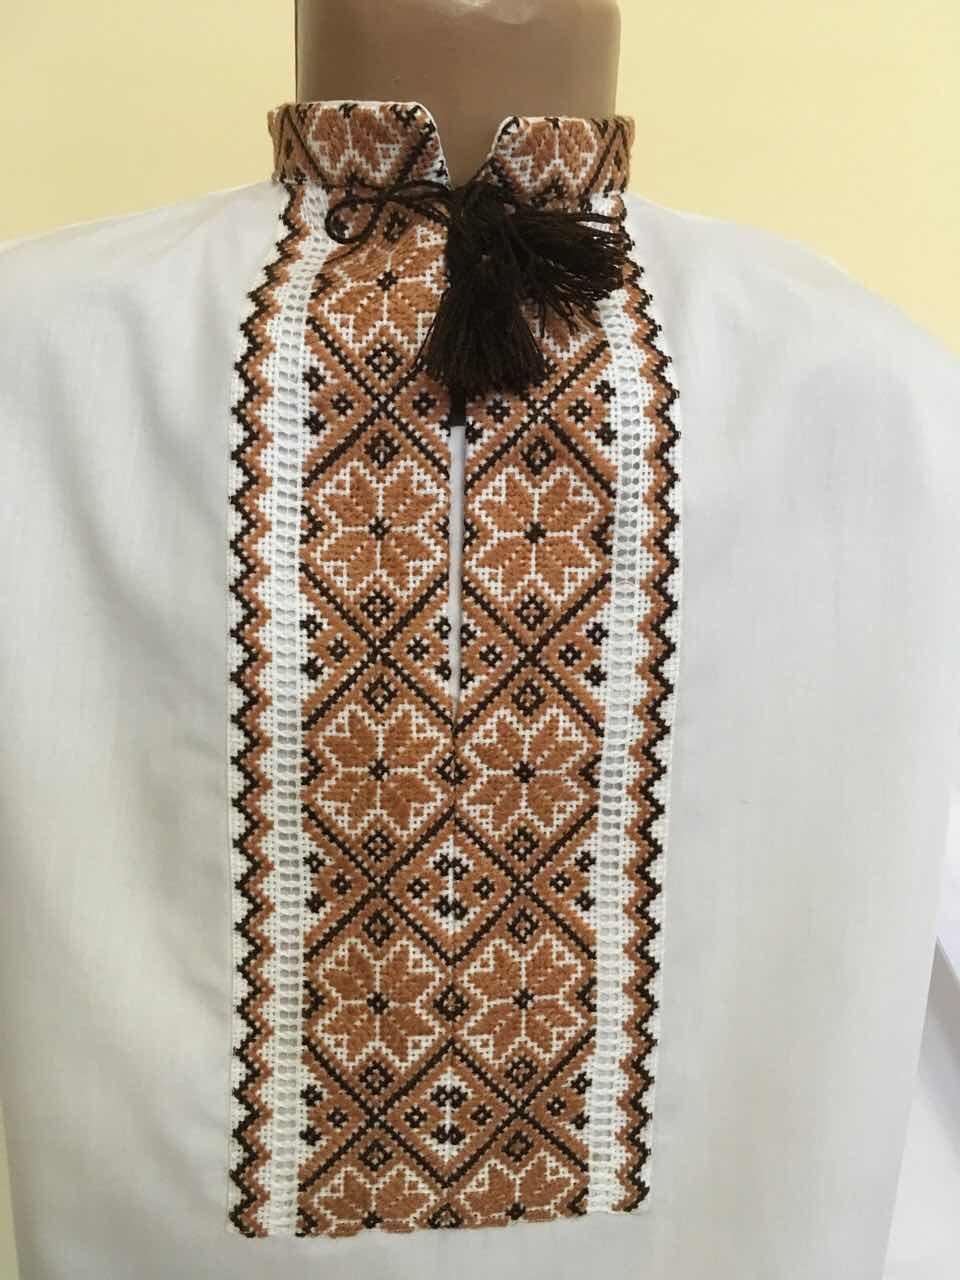 Вишиванка сорочка для хлопчика 5-6 років ручної роботи  продажа ... 92e51fd747068